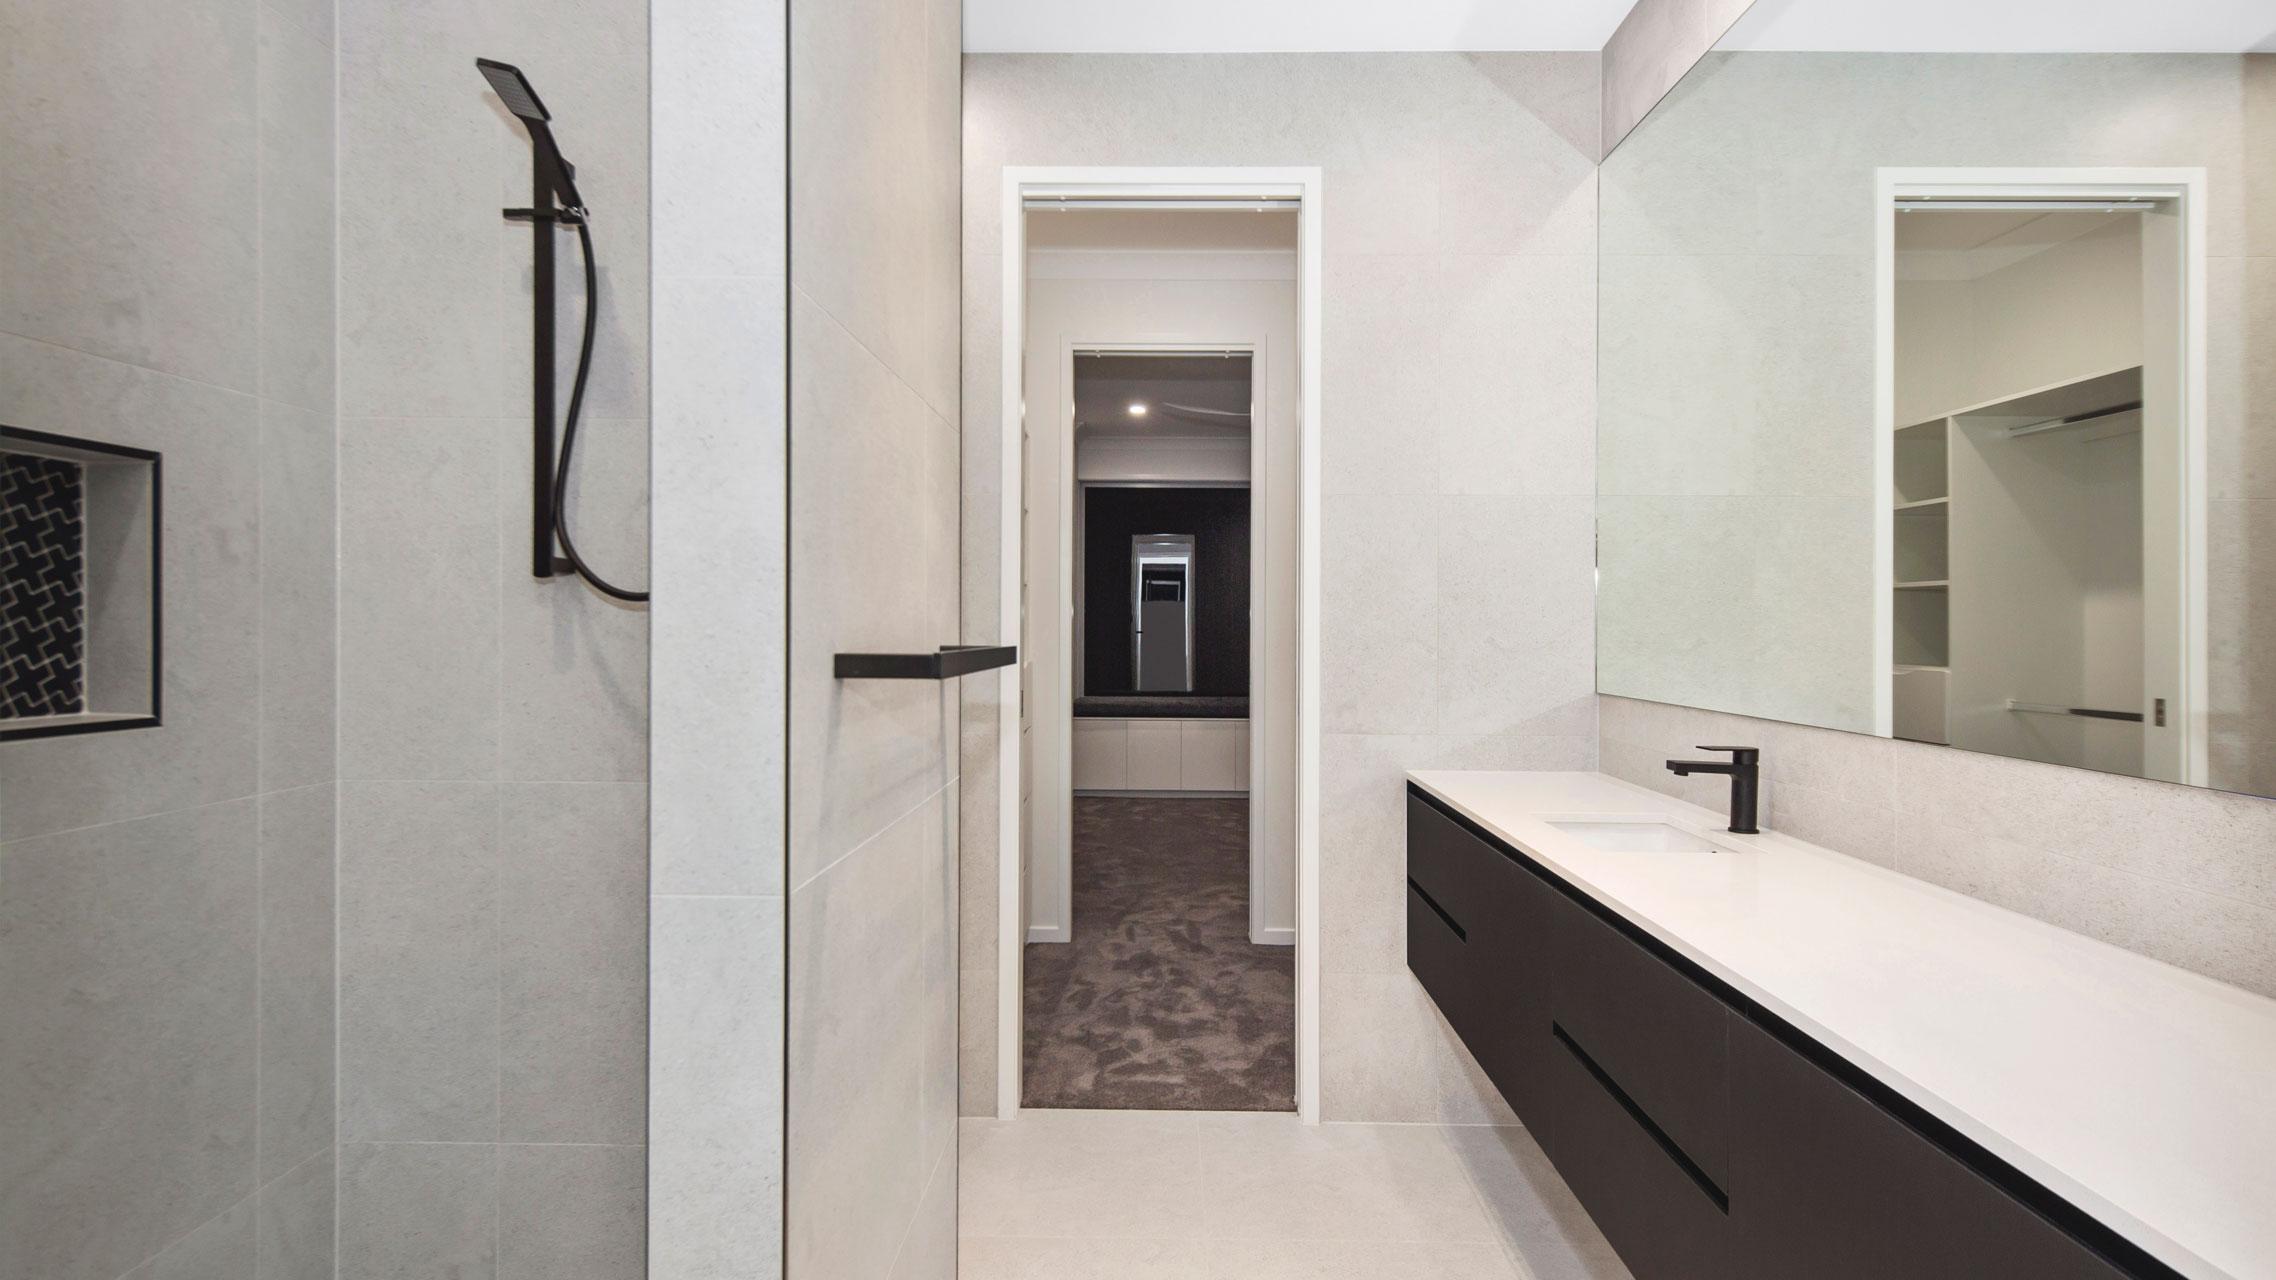 Big Frameless Mirror in bathroom